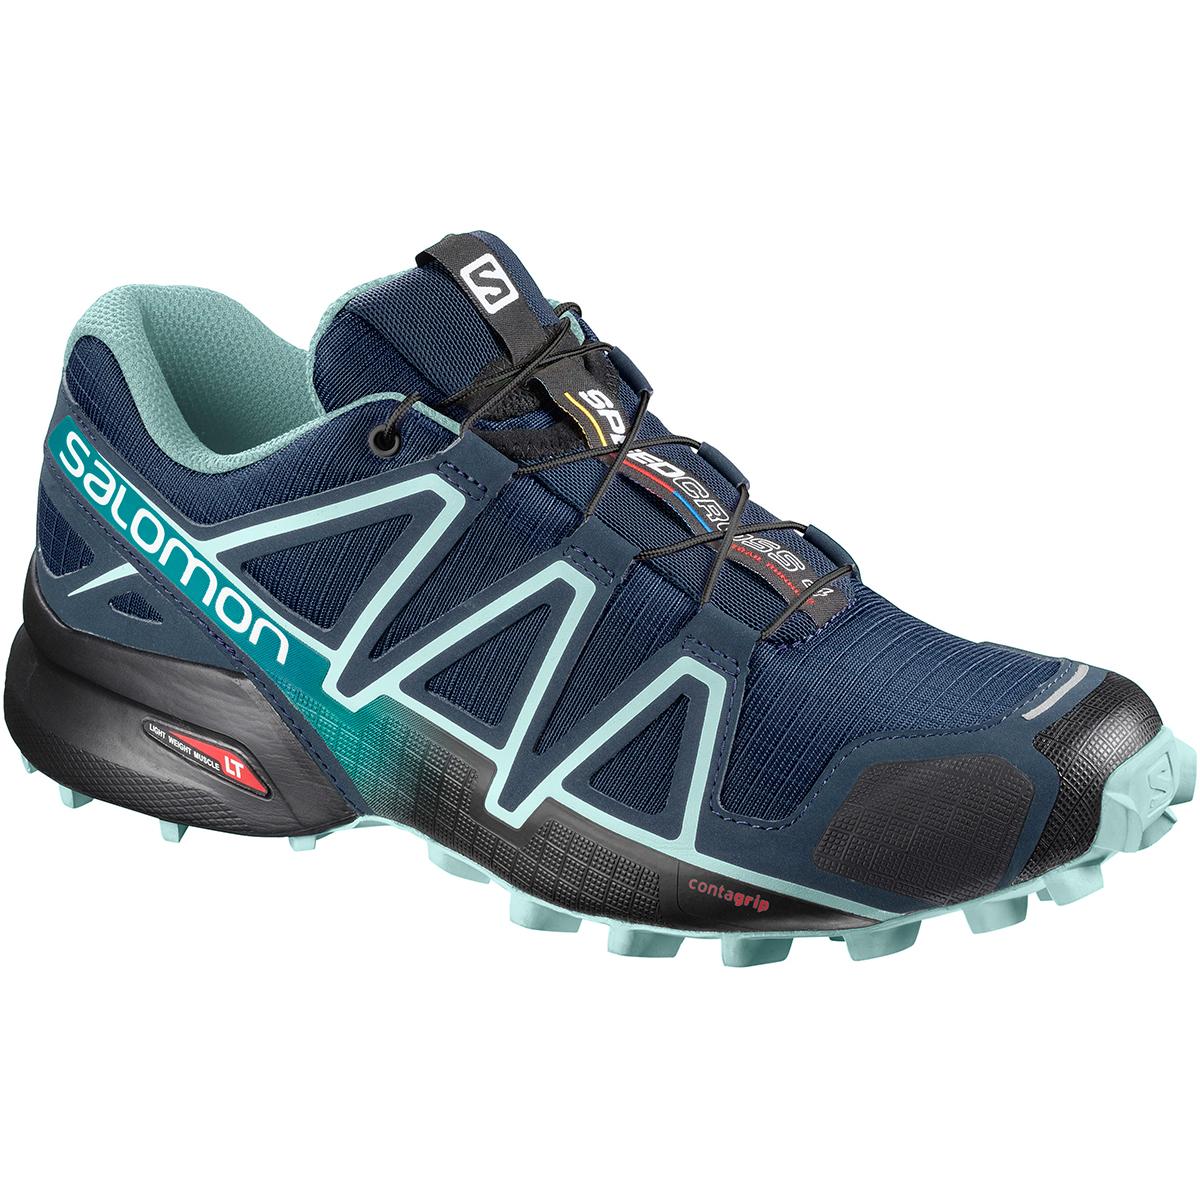 Salomon Women's Speedcross 4 Trail Shoes, Wide - Blue, 8.5